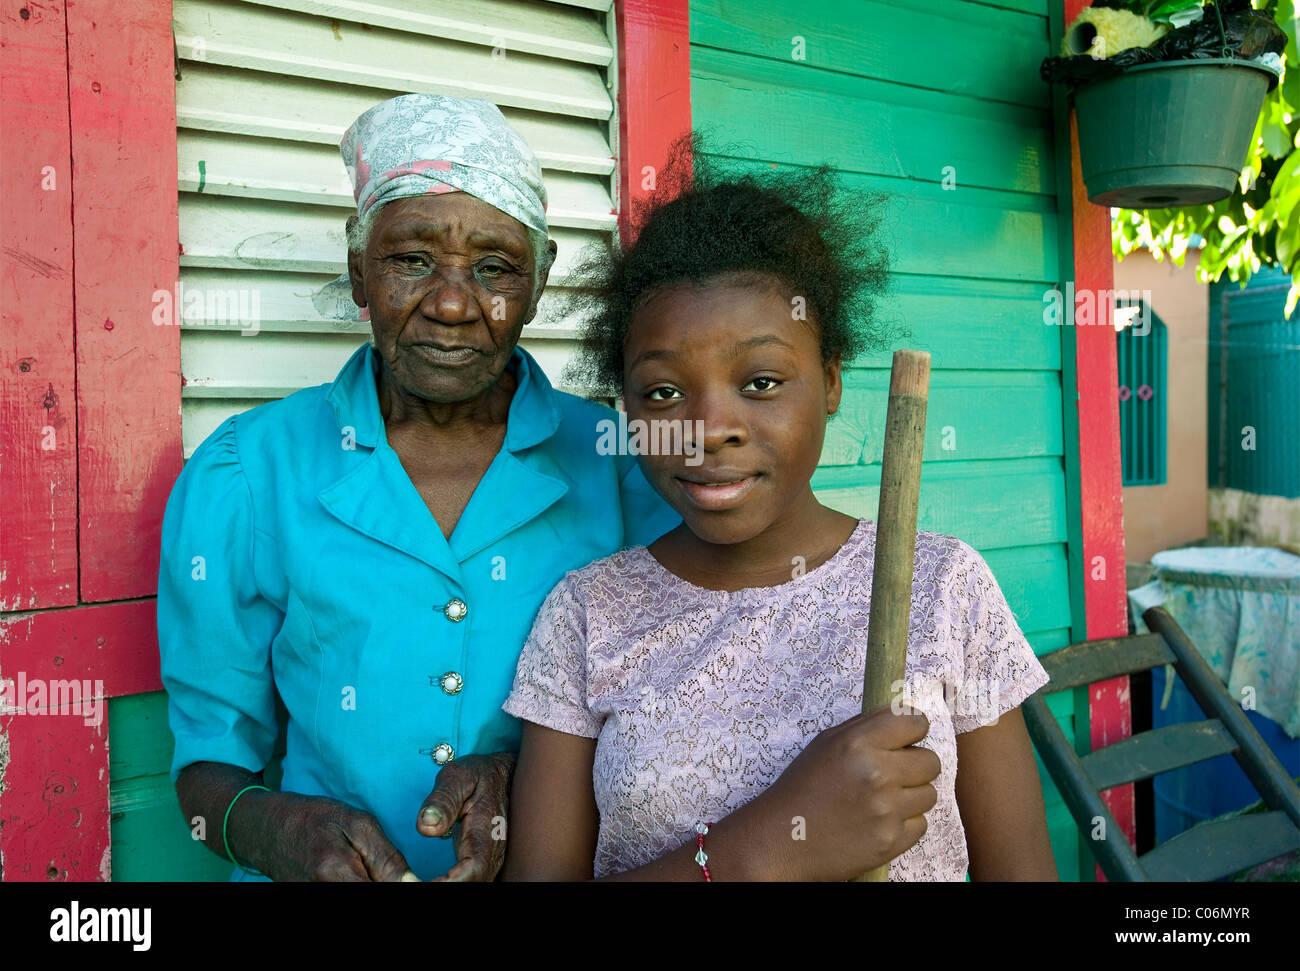 Locales fuera de la casa, Otrabanda, República Dominicana Imagen De Stock